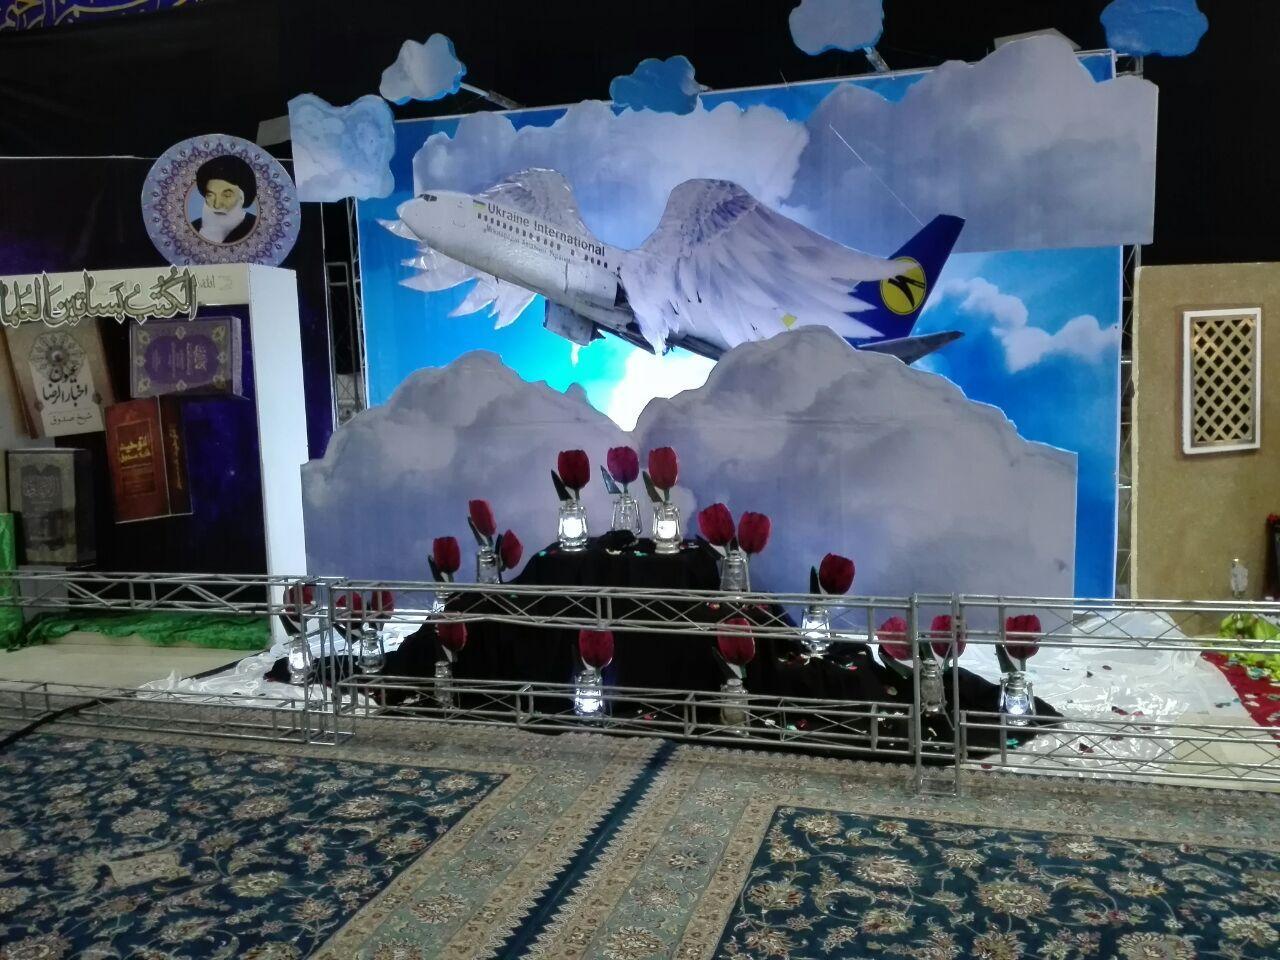 نمایشگاه عطر بهشت در آستان حضرت شیخ صدوق(ره) افتتاح شد